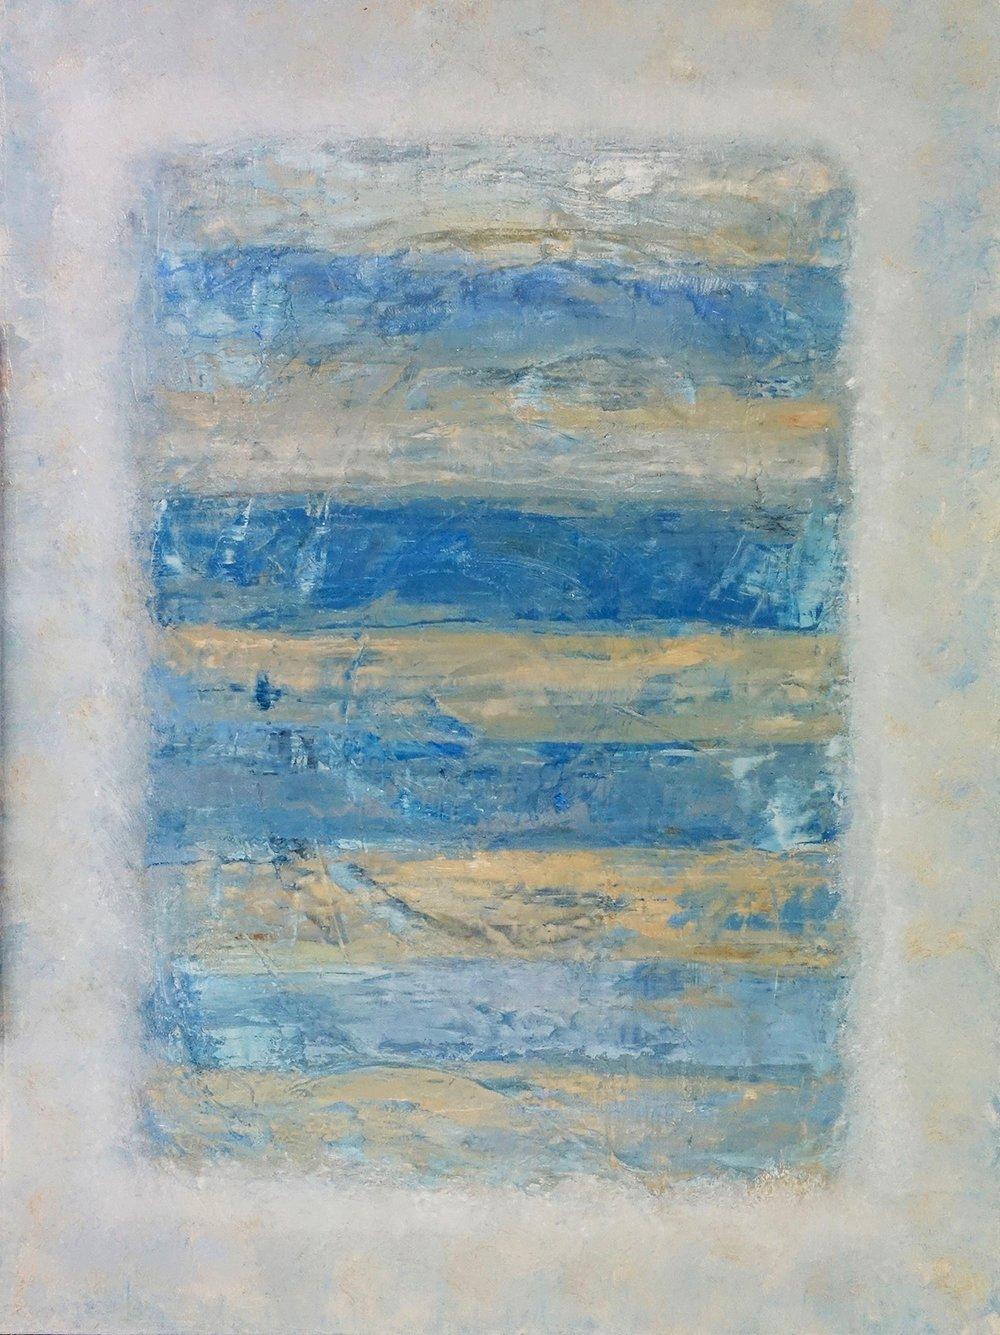 Blue Shutters 2, 2016